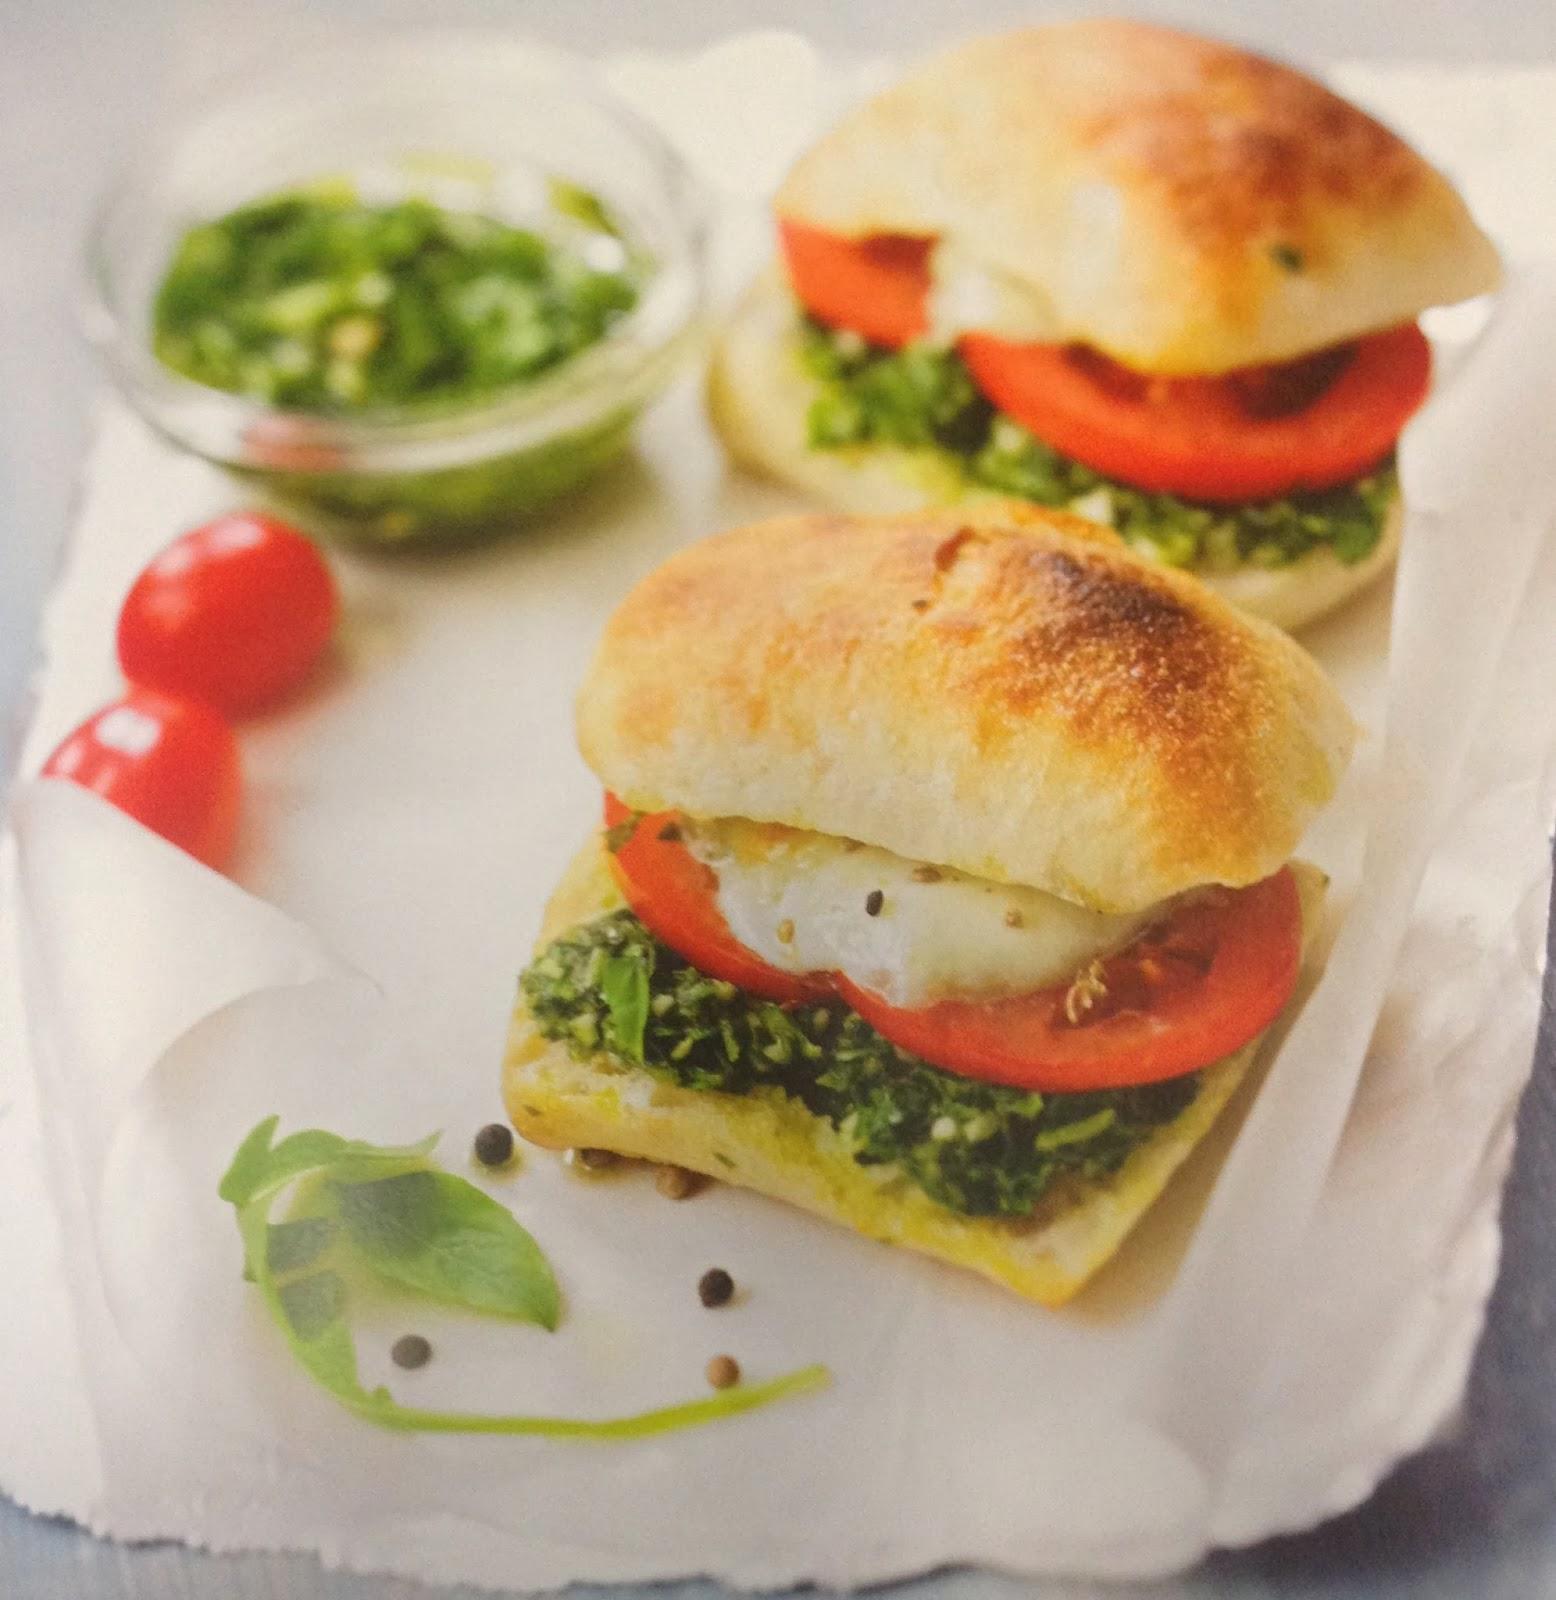 Le blog pour mes copines croque monsieur au parmesan - Sachet cuisson croque monsieur grille pain ...